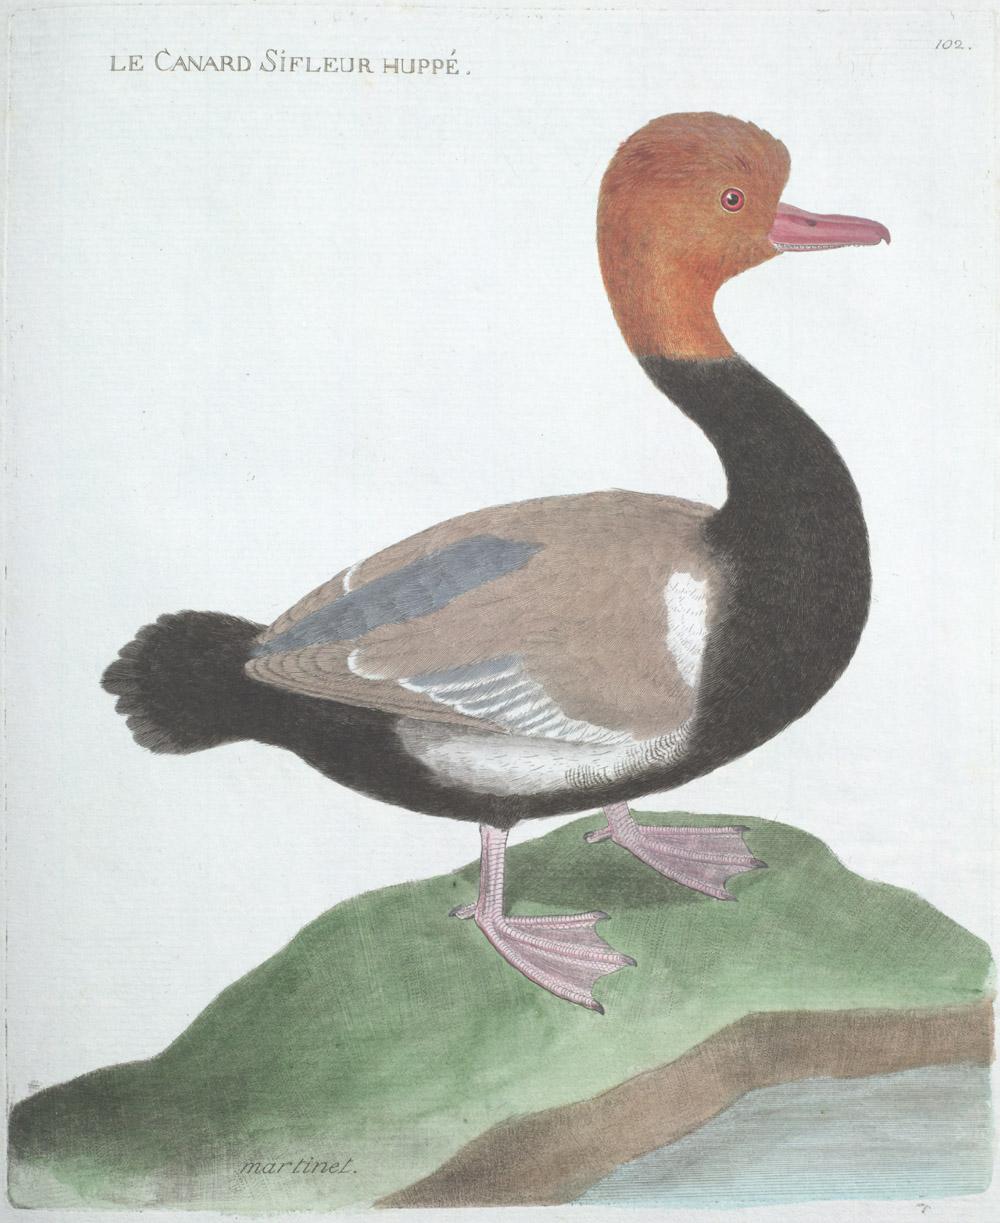 François-Nicolas Martinet, Ornithologie [Histoire des Oiseaux Peints dans Tous Leurs Aspects Apparents et Sensibles] [Ornithology], 1773-1792, Plate 102: Le Canard Sifleur Huppé [Plate 102: The Whistling Duck].